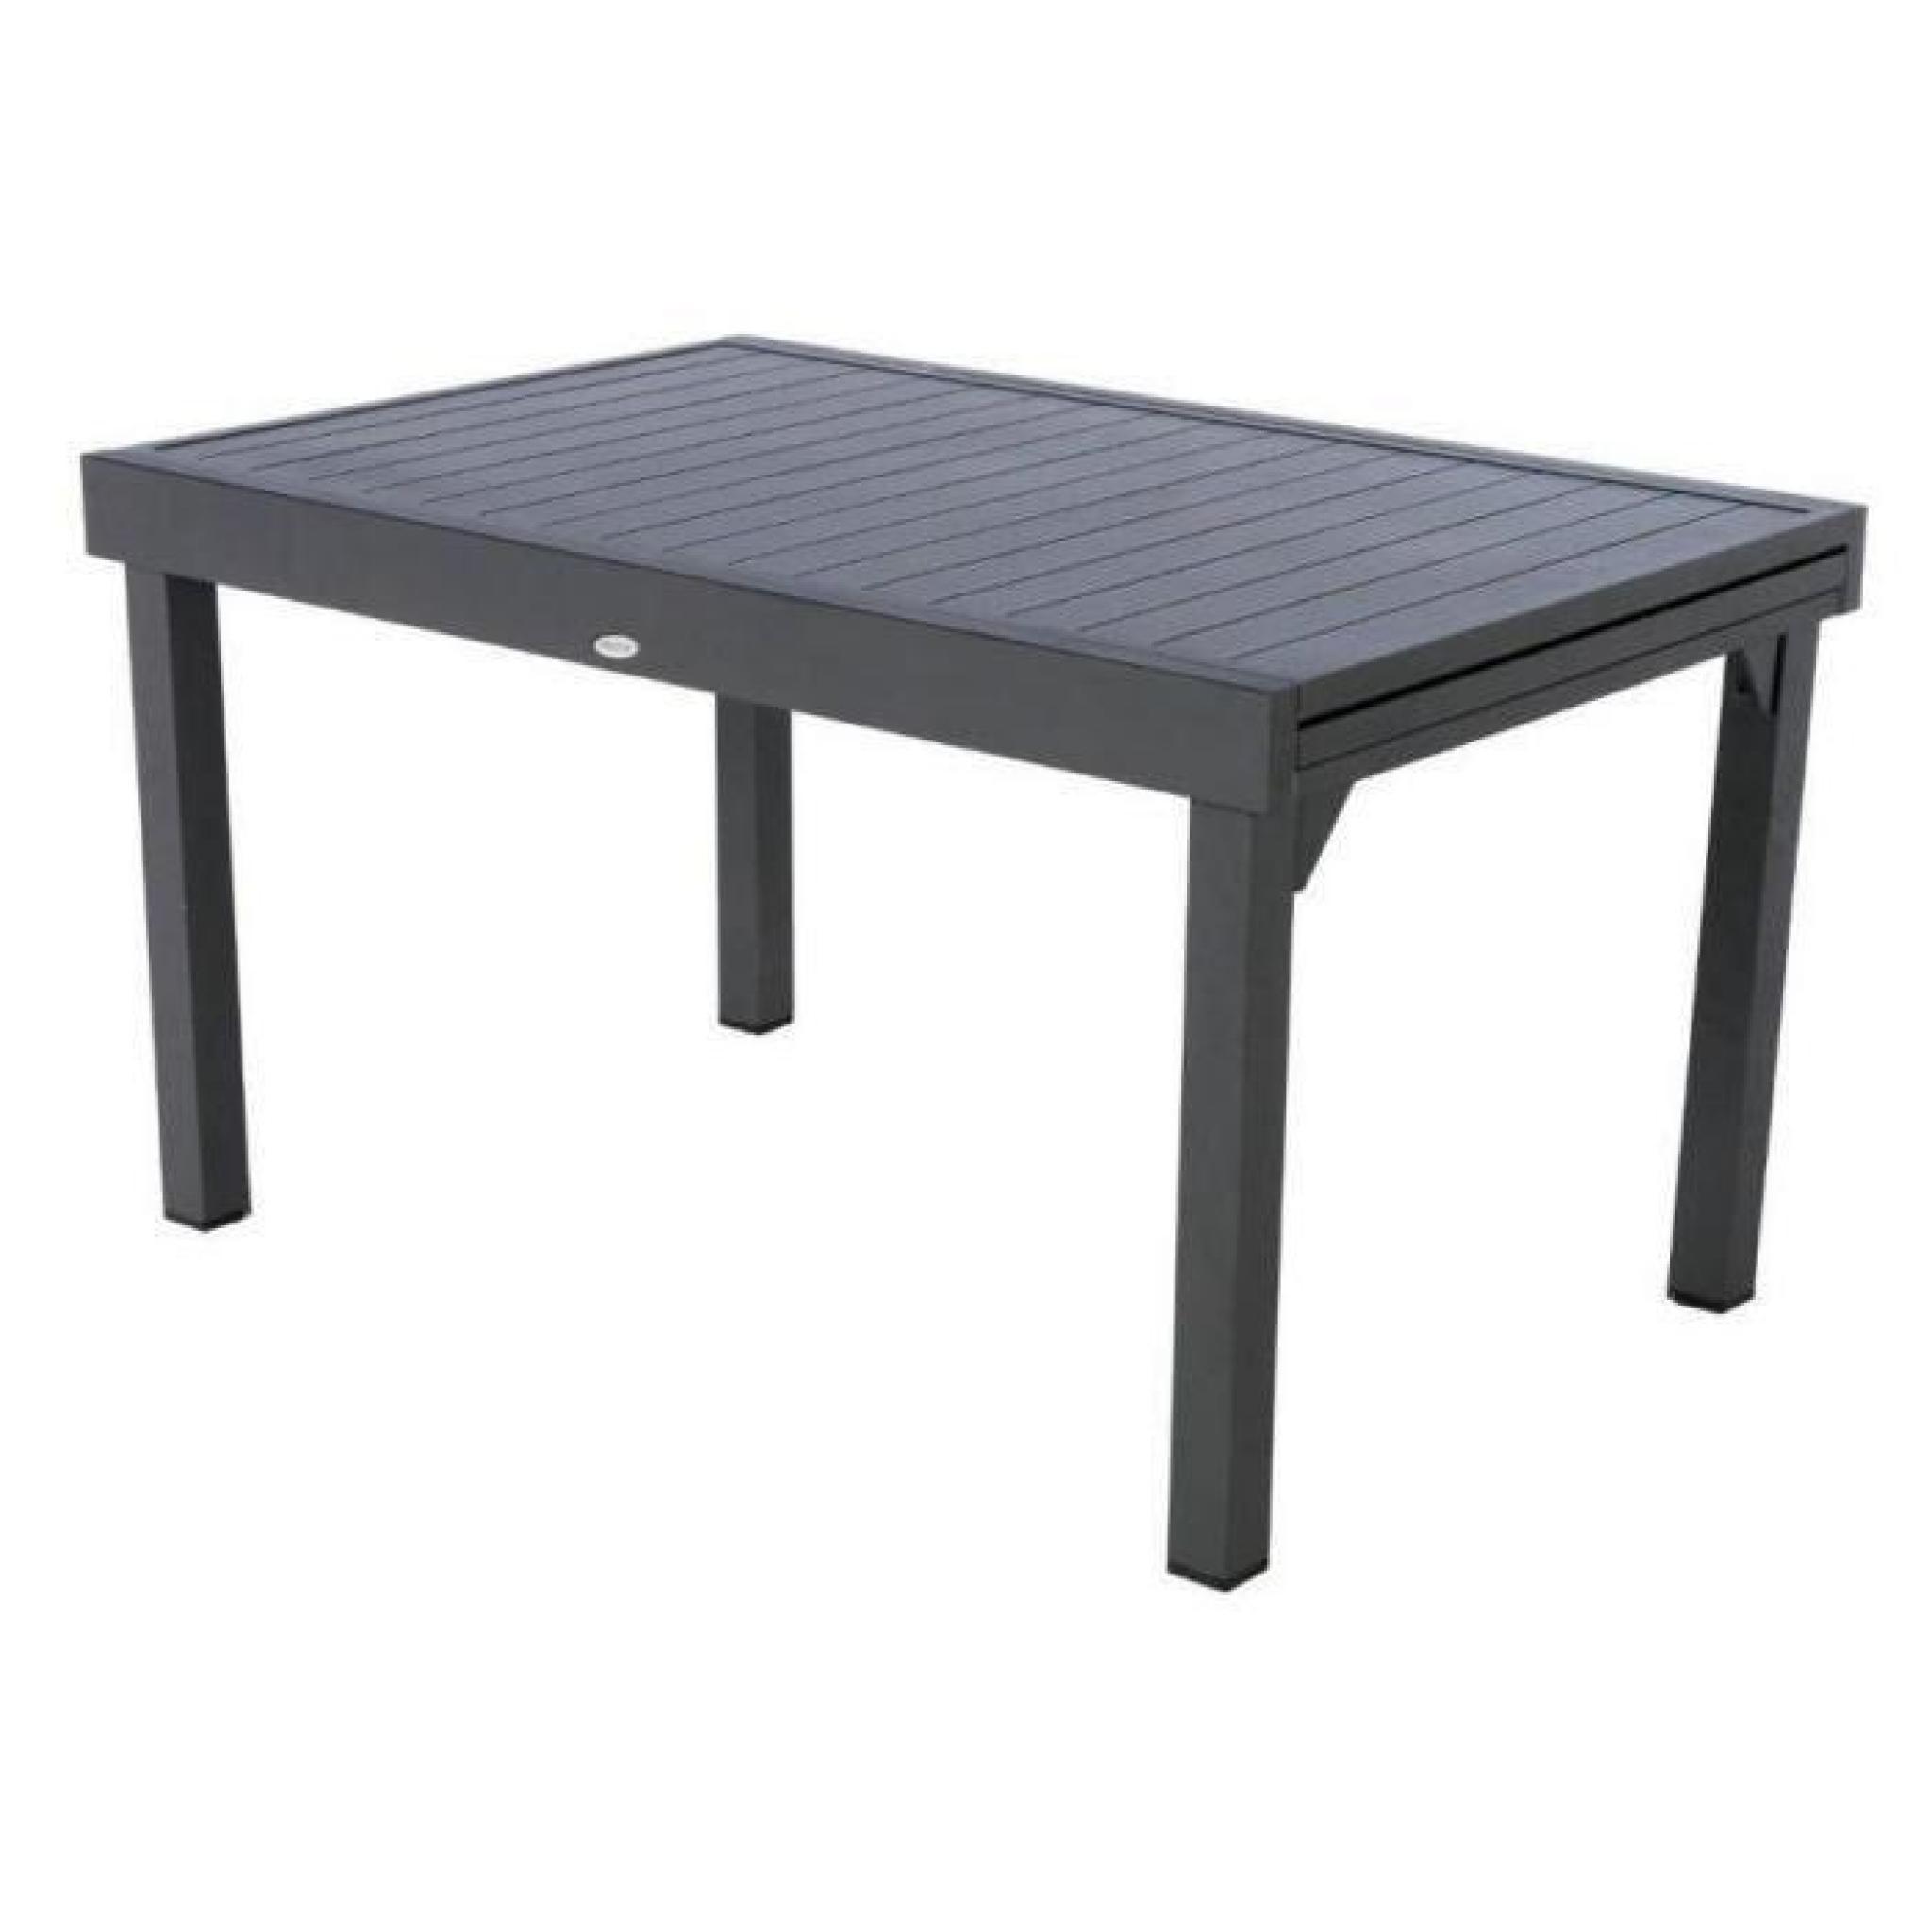 Table Piazza Alu Hesperide Extensible 10 P. Graphite avec Table De Jardin Extensible Pas Cher